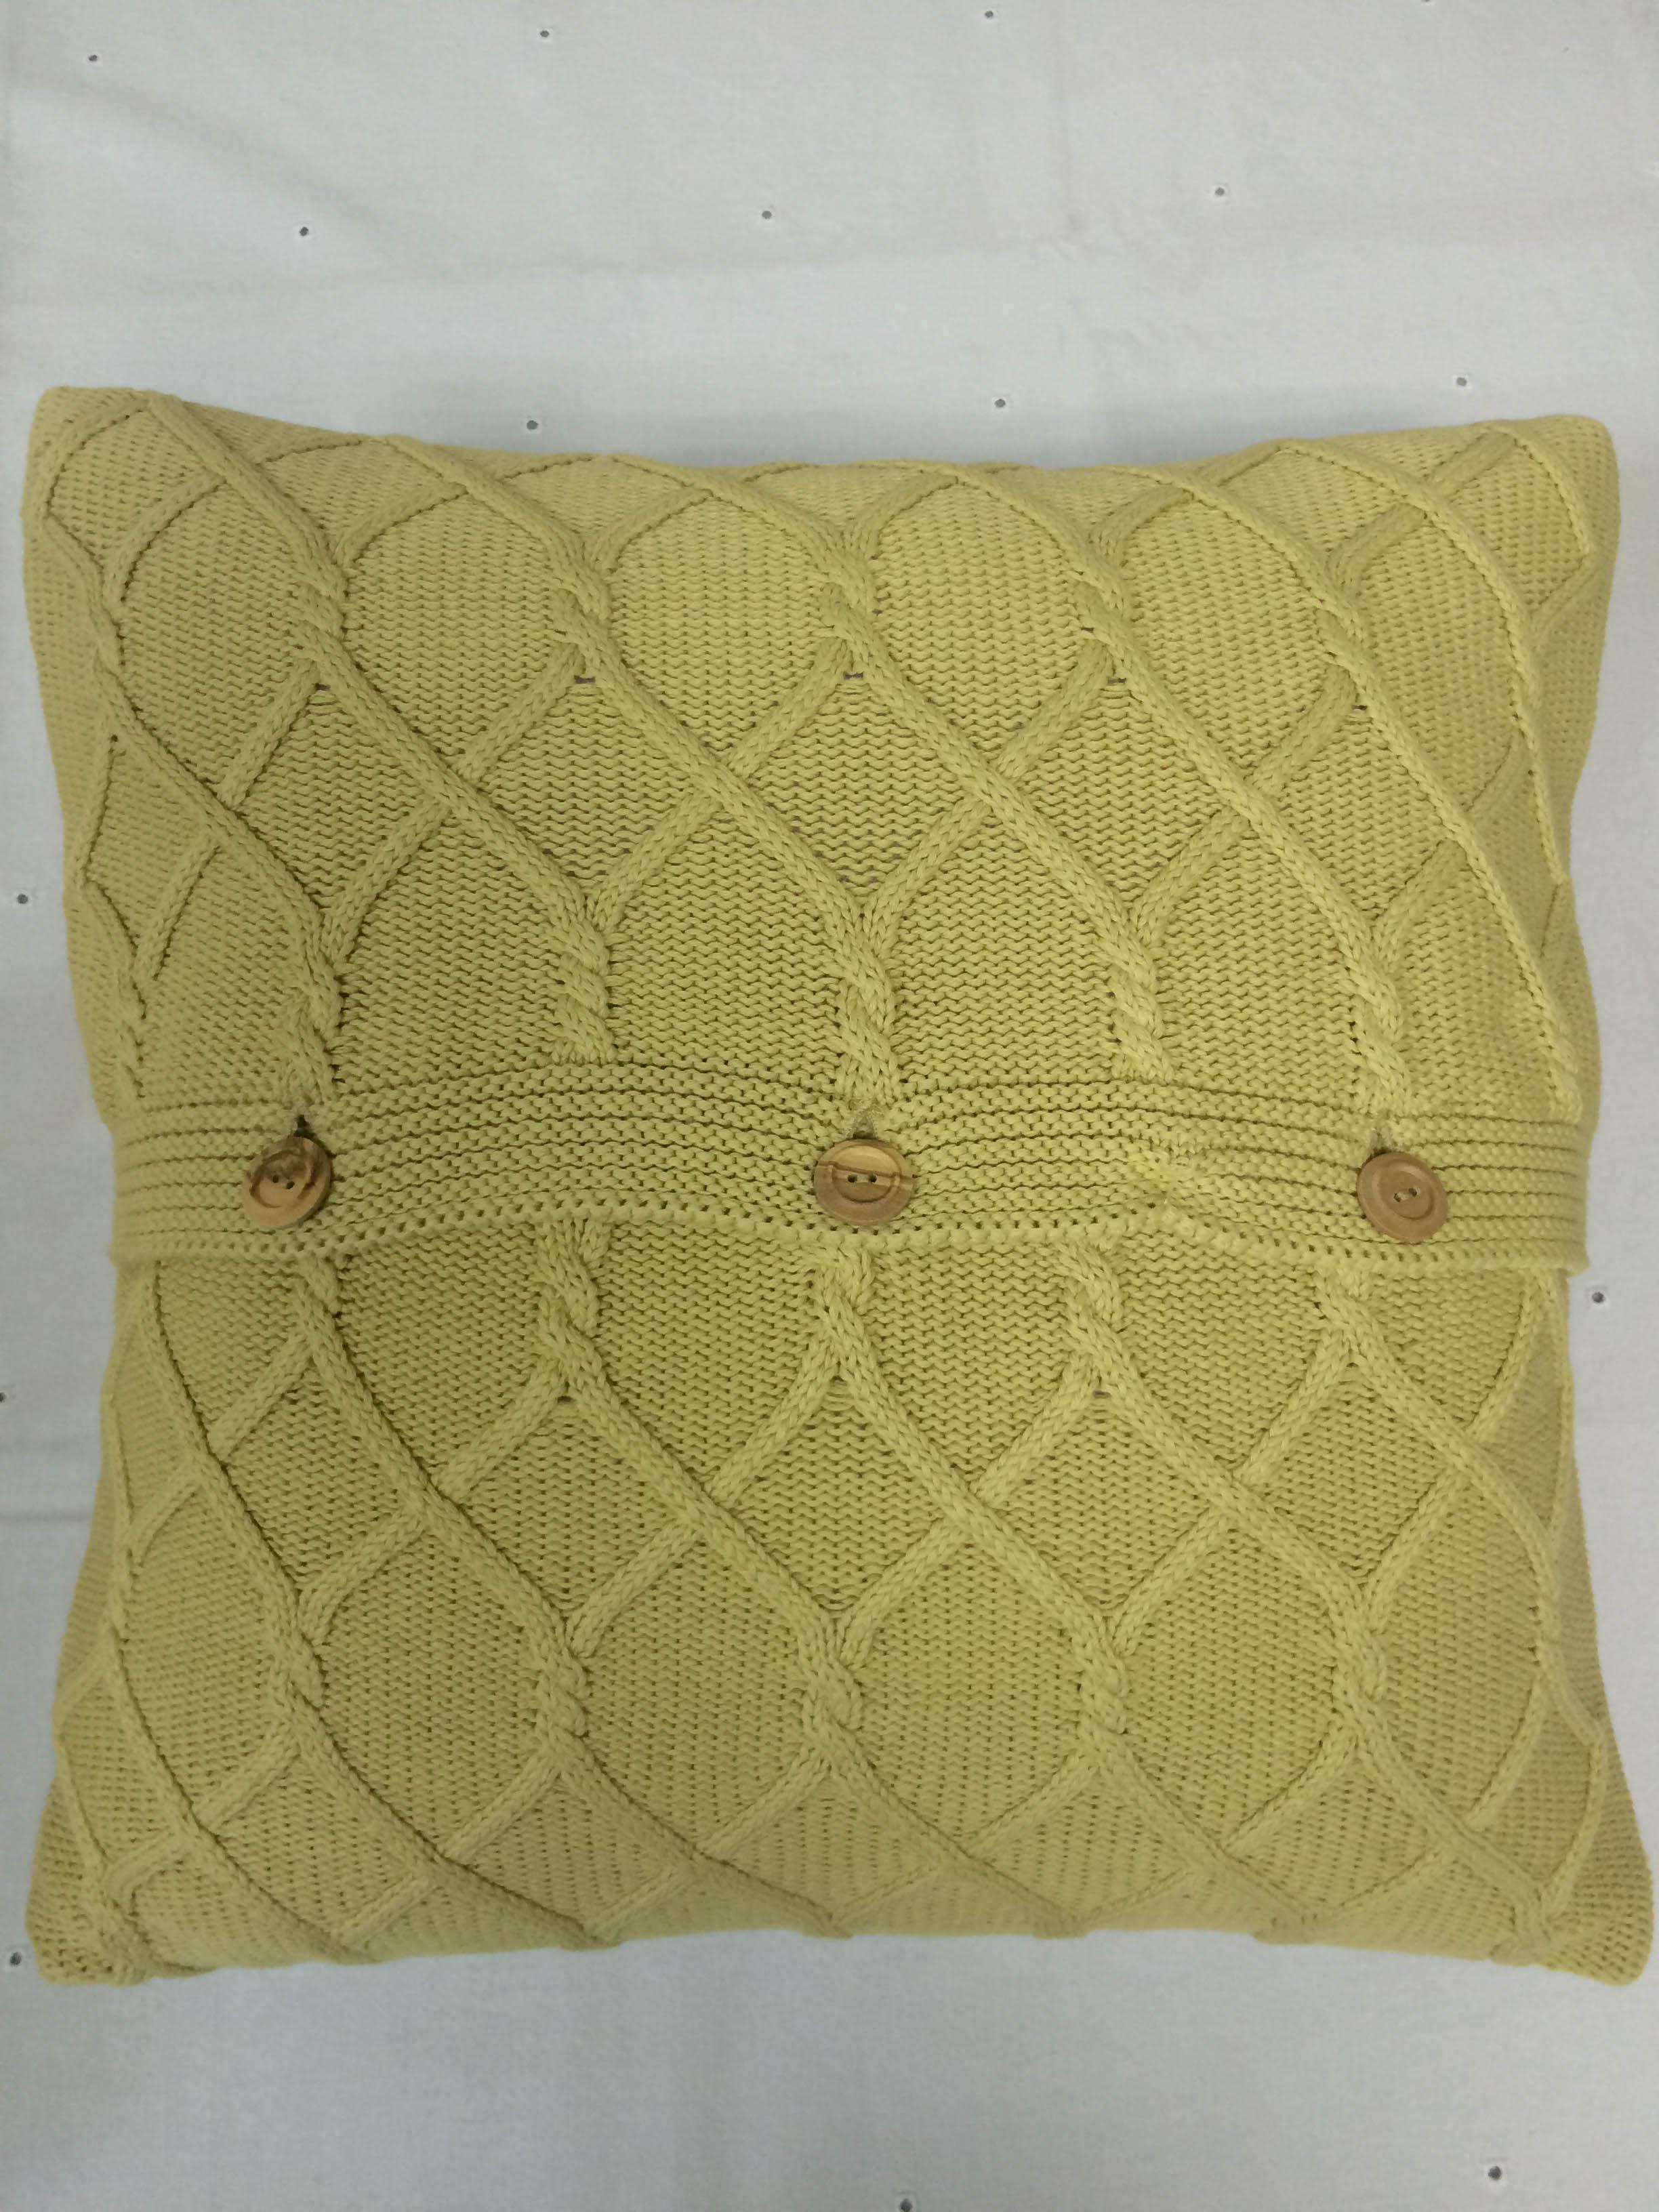 Декоративные подушки Luxberry Декоративная наволочка Lux34 Цвет: Горчичный                                                                                                 (40х40) плед luxberry imperio 10 умбра